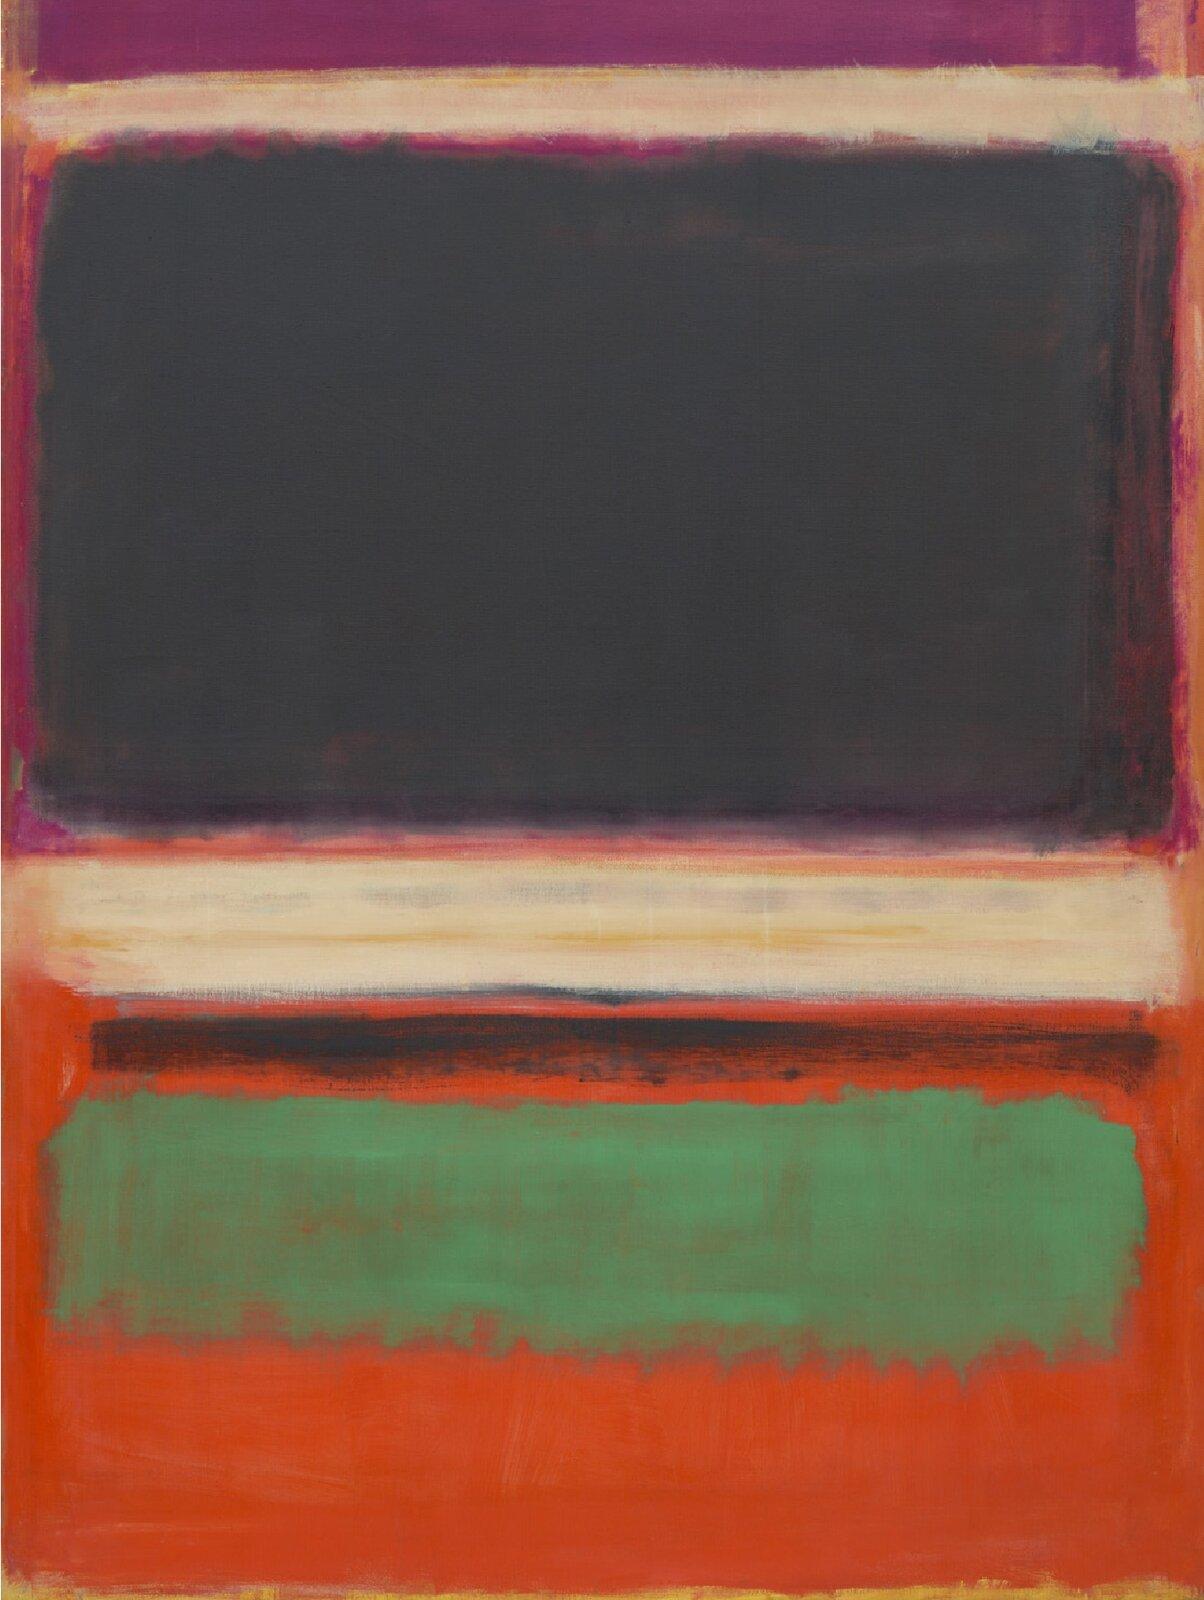 """Ilustracja przedstawia obraz """"Fuksja, Czarny, Zielony na Pomarańczowym"""" autorstwa Marka Rothko. Abstrakcyjna kompozycja składa się zkilku luźno malowanych płaszczyzn koloru na pomarańczowym tle. Górną partię obrazu zajmuje duży prostokąt ciemno-szarego koloru  namalowany na powierzchni chłodnego różu, który od góry iod dołu zamykają jasno-beżowe pasy. Poniżej, pod szeroko namalowaną, poszarpaną, czarną linią znajduje się wąski prostokąt wkolorze chłodnej zieleni mocno wybijającej się na tle oranżu. Zamknięta, statyczna kompozycja namalowana jest szerokimi, pionowymi ipoziomymi, pociągnięciami pędzla. Obraz odznacz się dużą syntezą iuproszczeniem form. Artysta ogranicza się do minimalnych środków wyrazu jakimi są proste płaszczyzny barwne."""